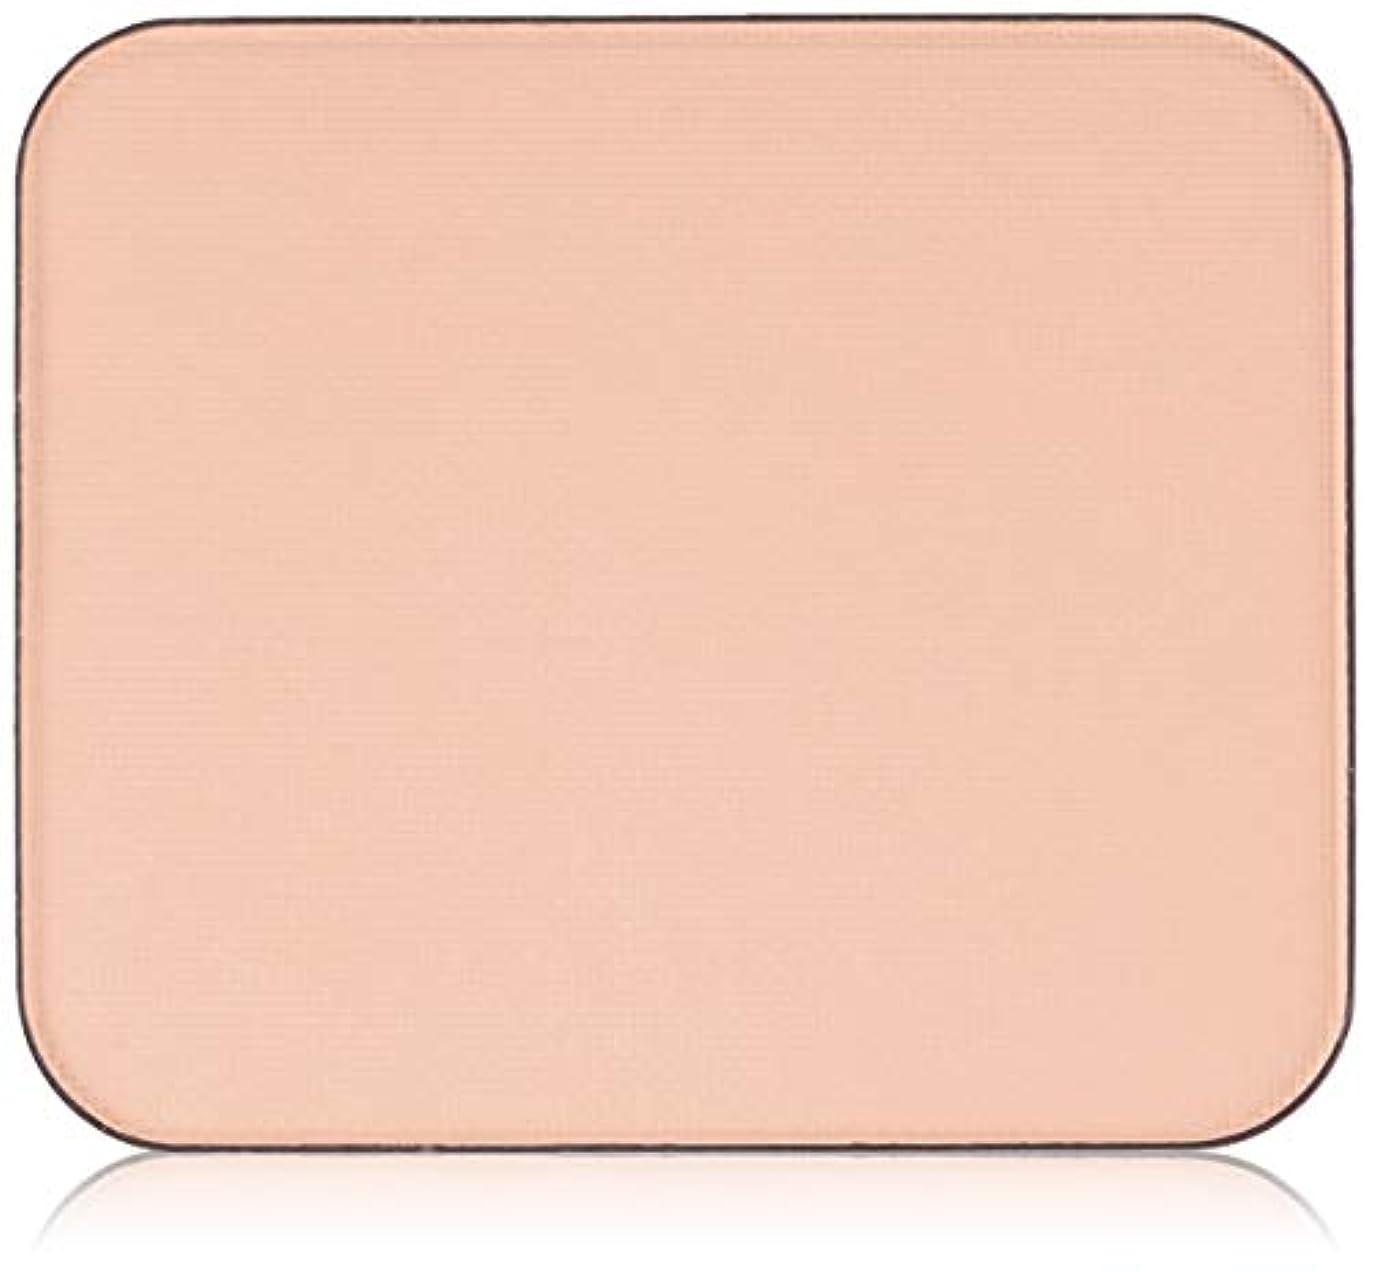 オアシス合併ハンドブックCelvoke(セルヴォーク) インテントスキン パウダーファンデーション 全5色 101 明るいピンクオークル系